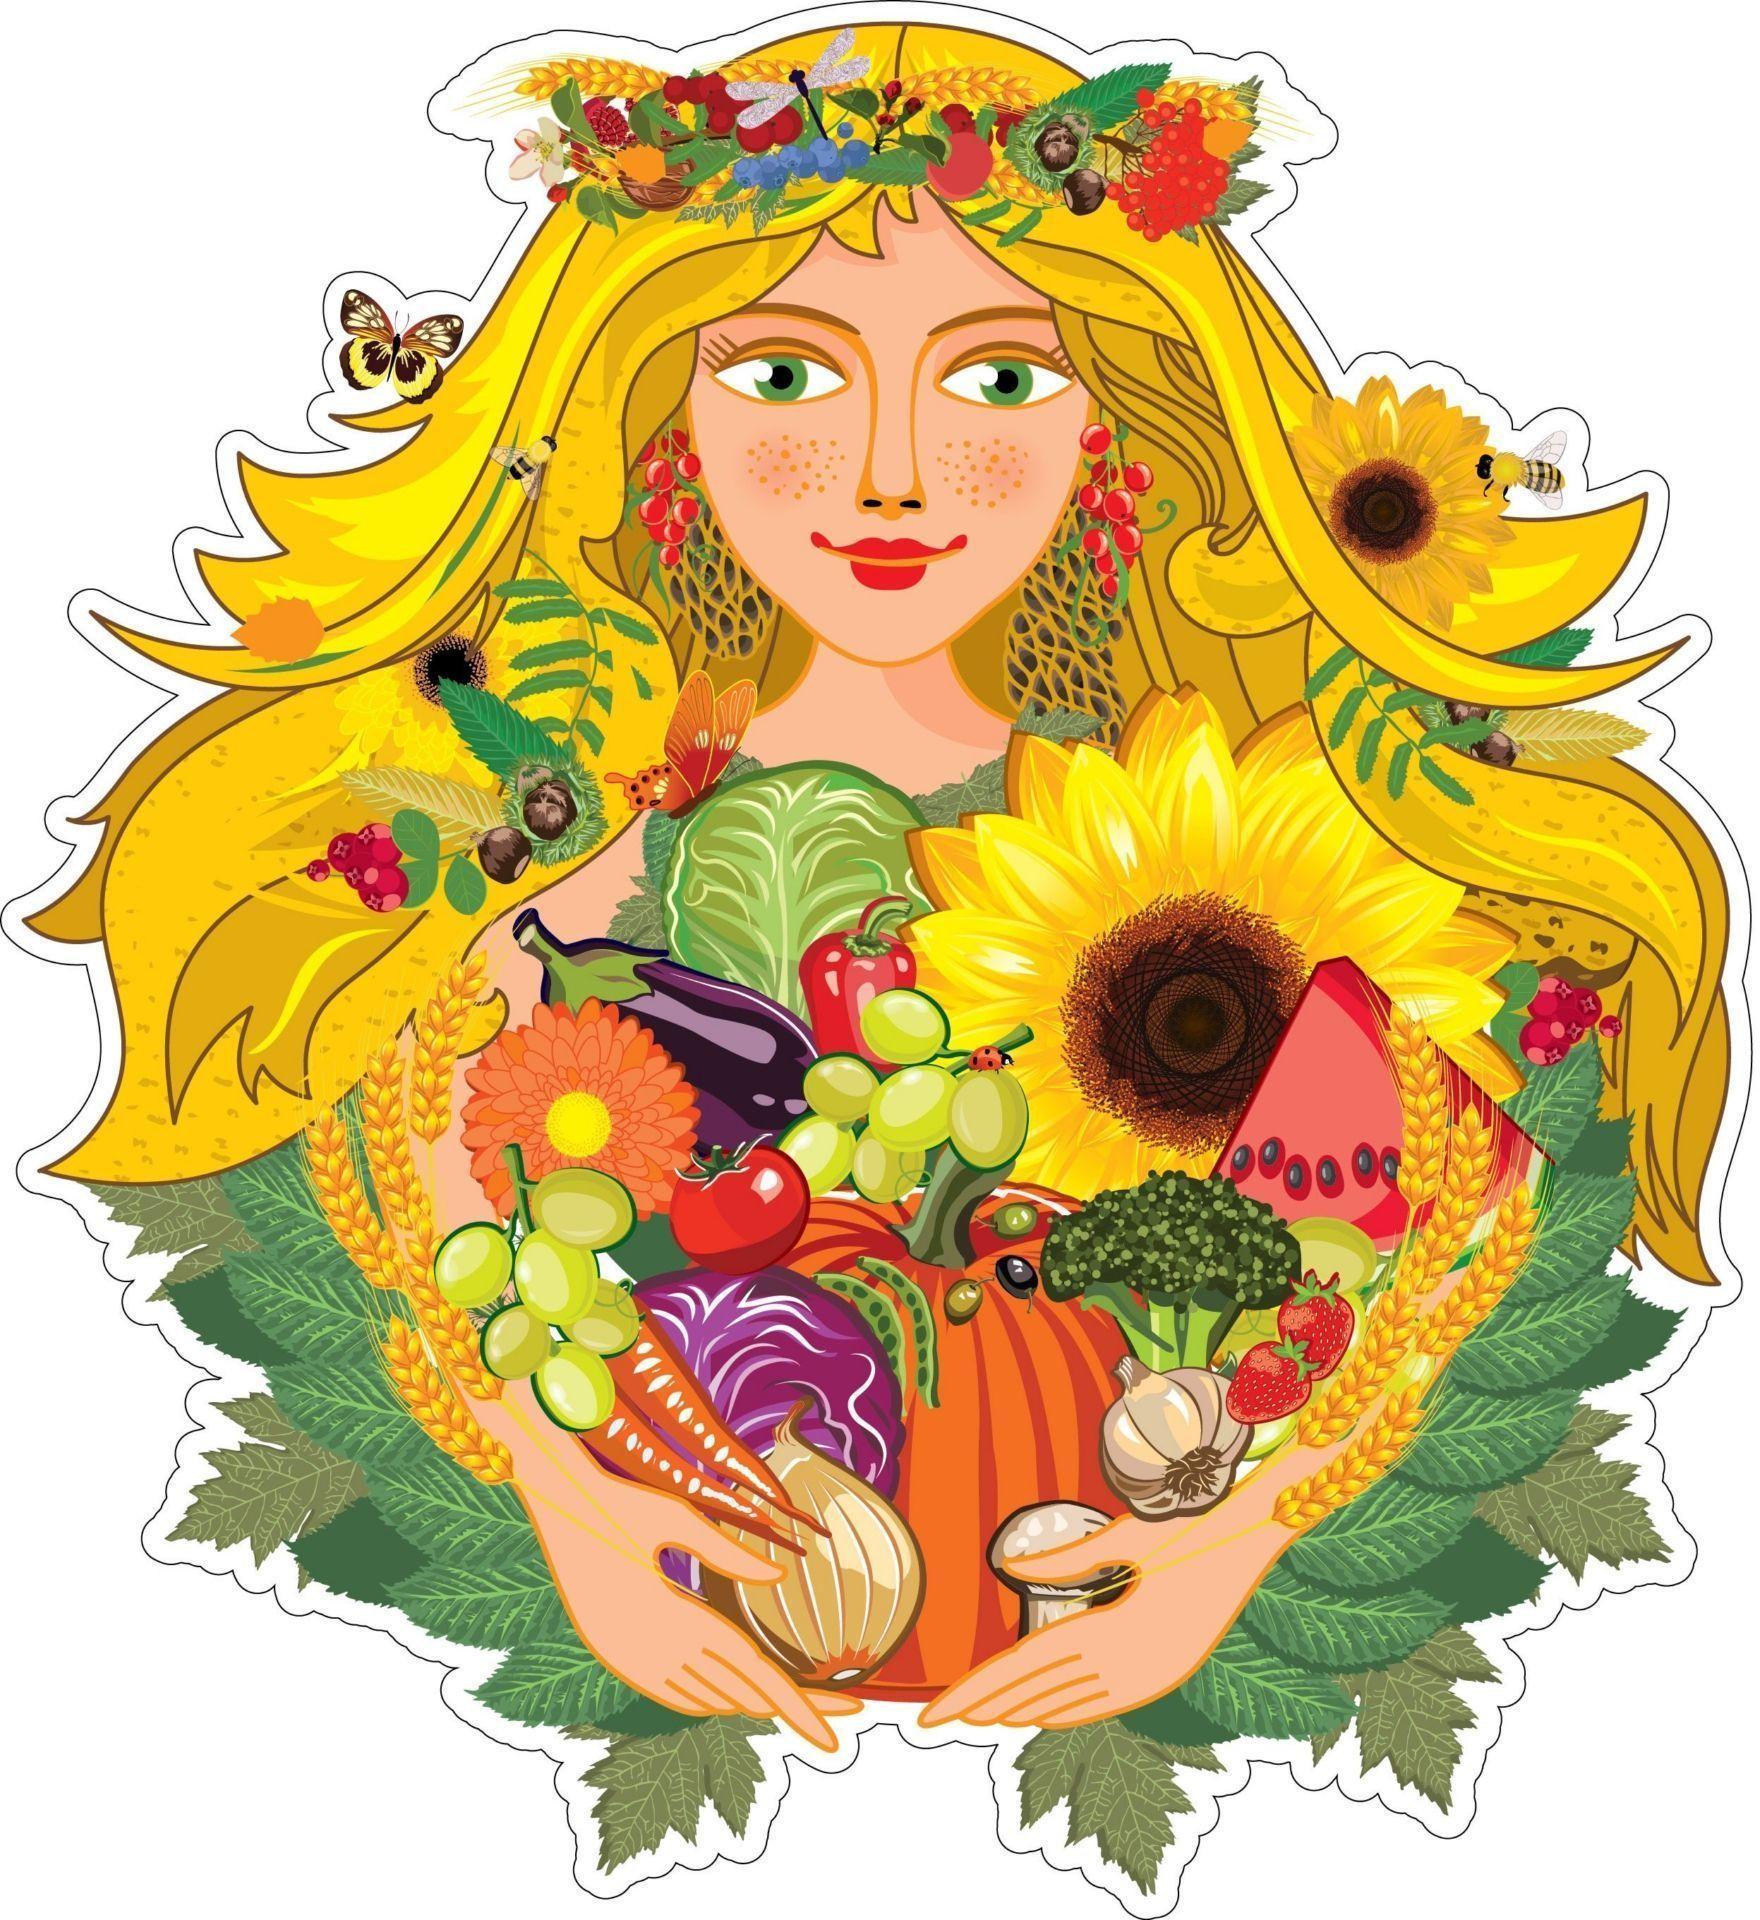 Плакат вырубной Урожайница: 420х464 ммТовары для оформления и проведения праздника<br>.<br><br>Год: 2017<br>Серия: Вырубные фигуры для оформления<br>Высота: 464<br>Ширина: 420<br>Переплёт: набор